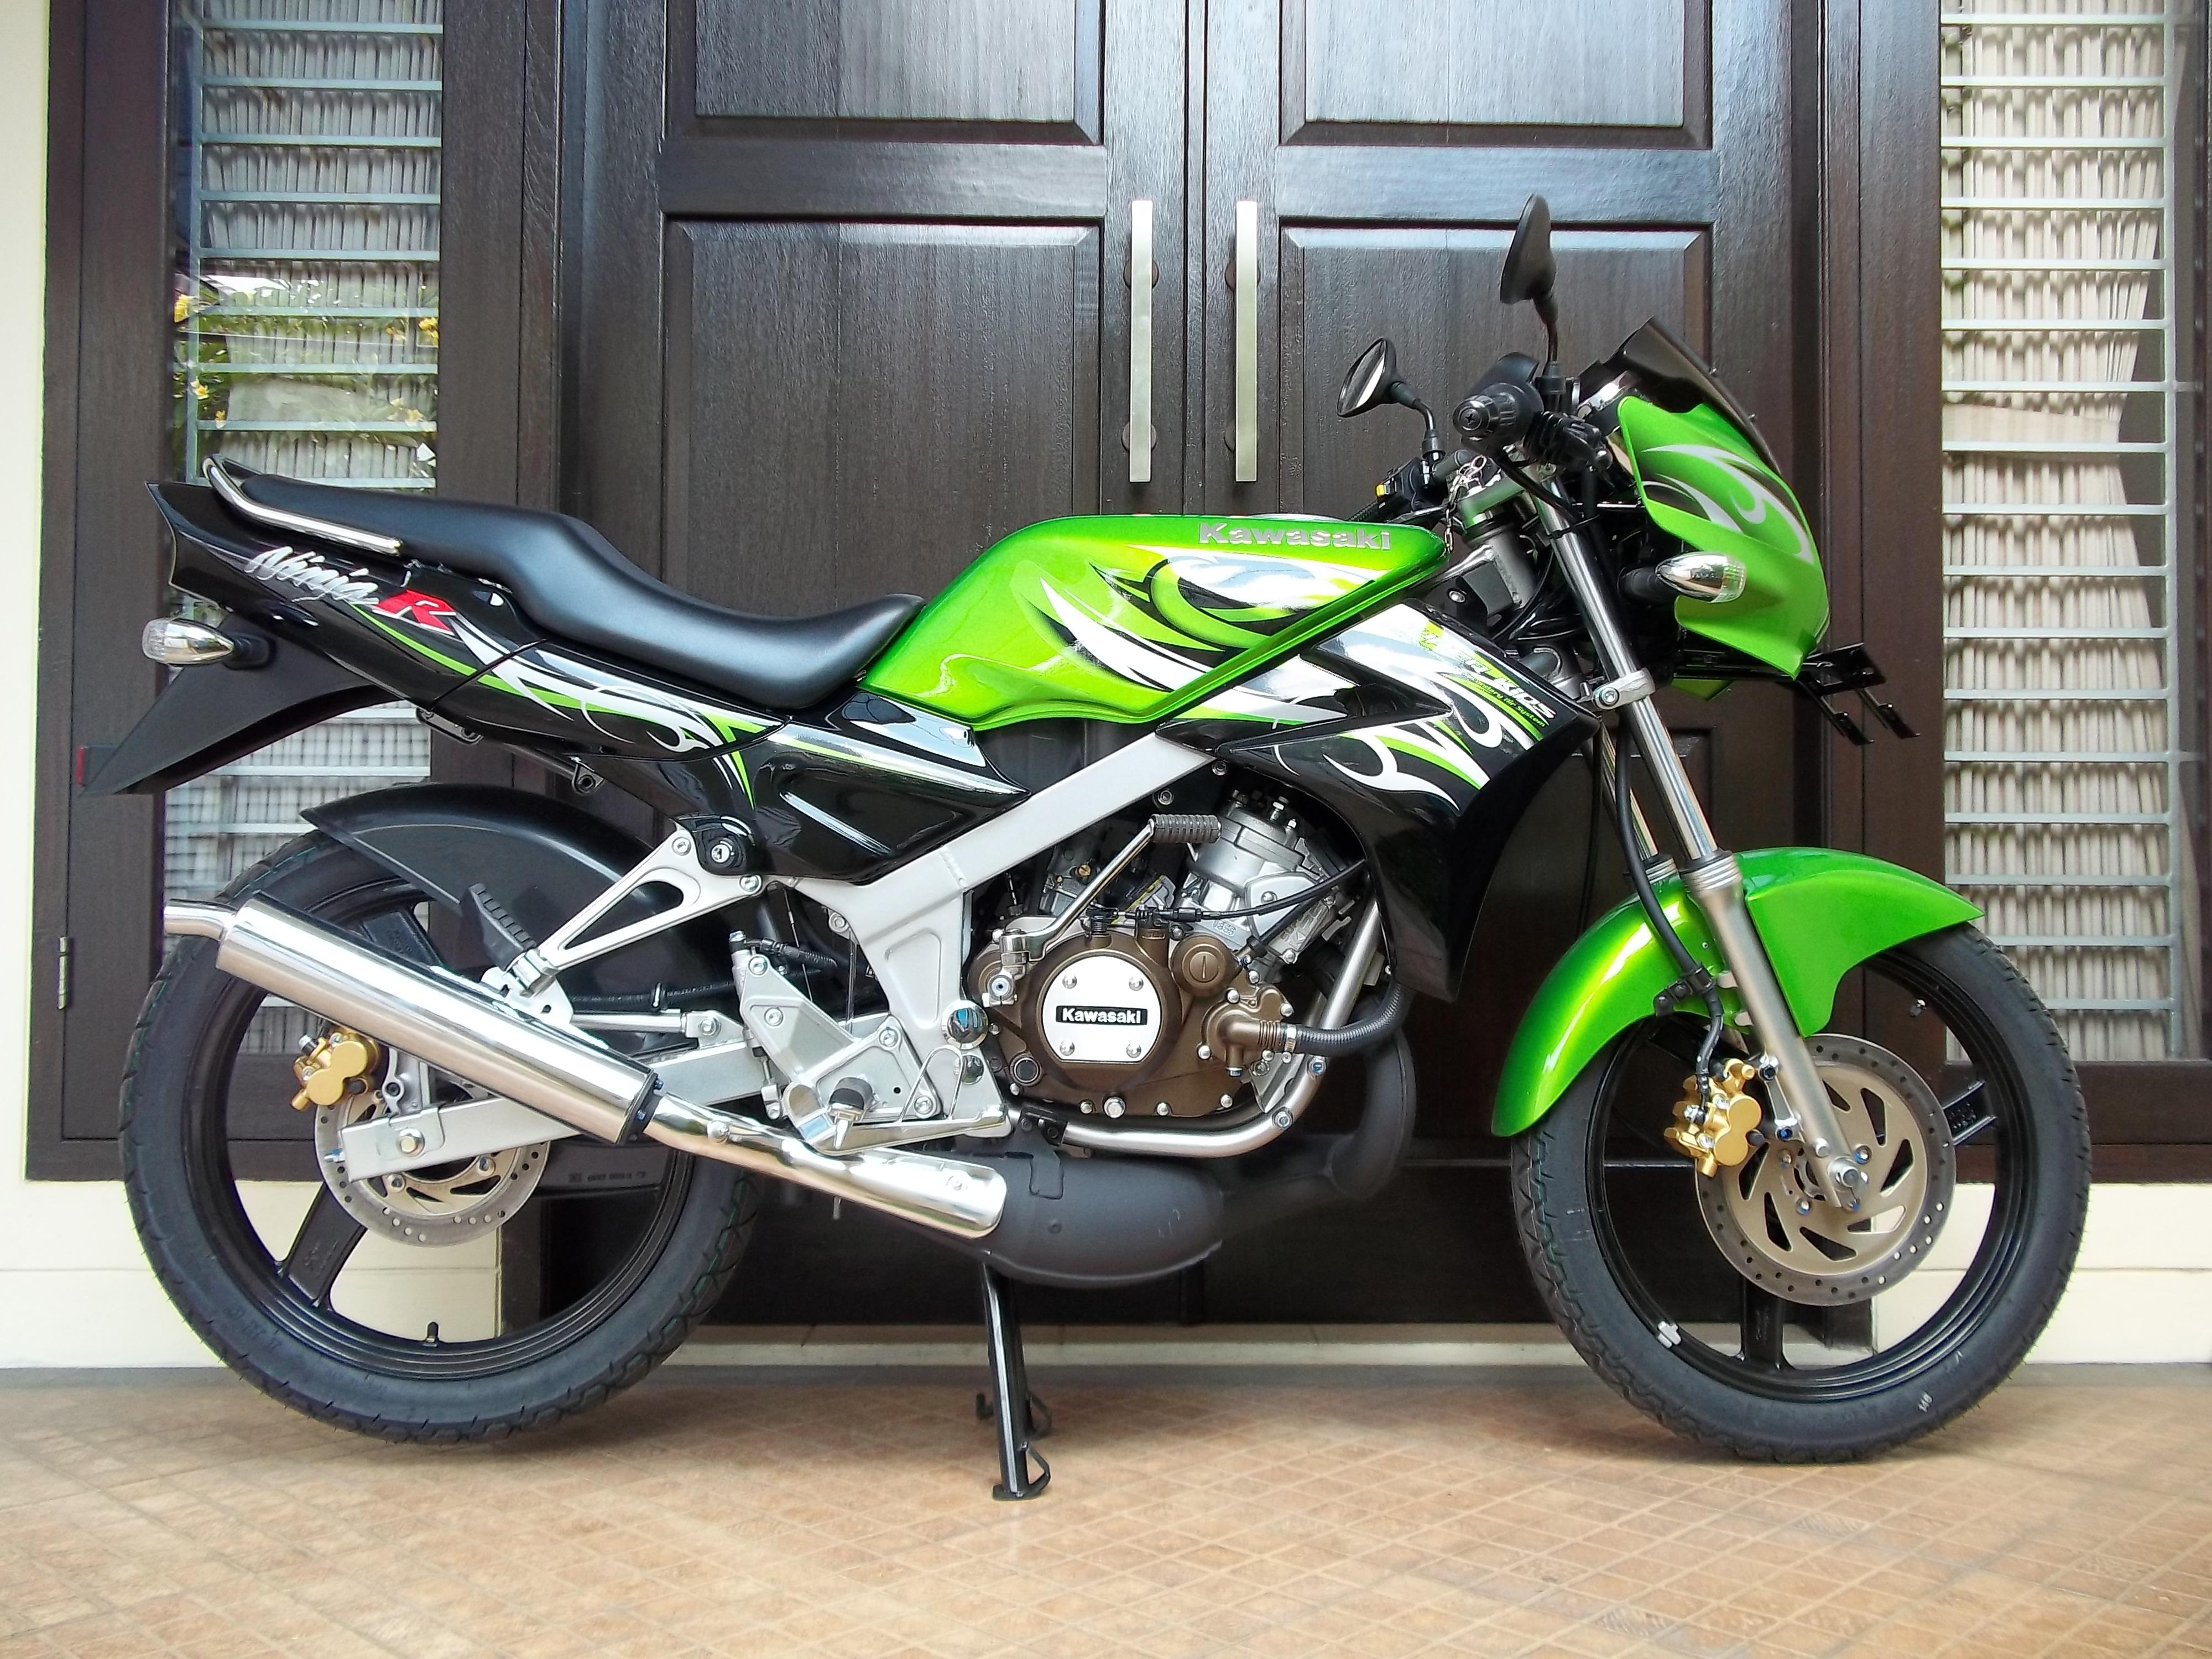 99 Gambar Motor Ninja Dari Tahun Ke Tahun Terbaru Obeng Motor